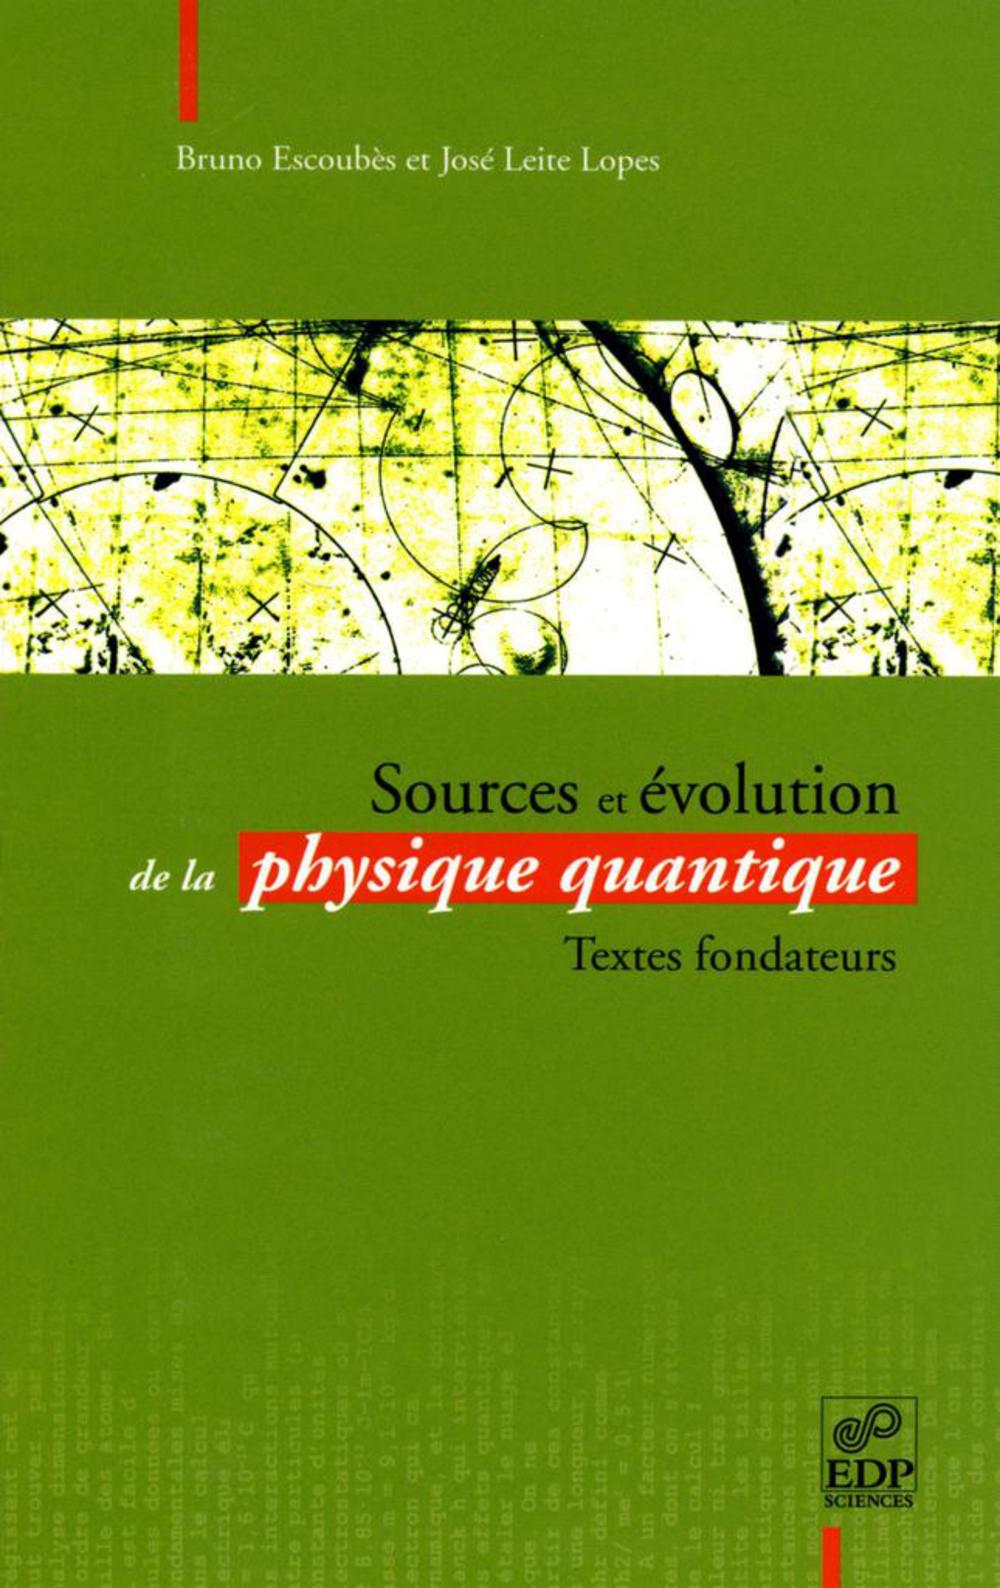 Sources et évolution de la physique quantique